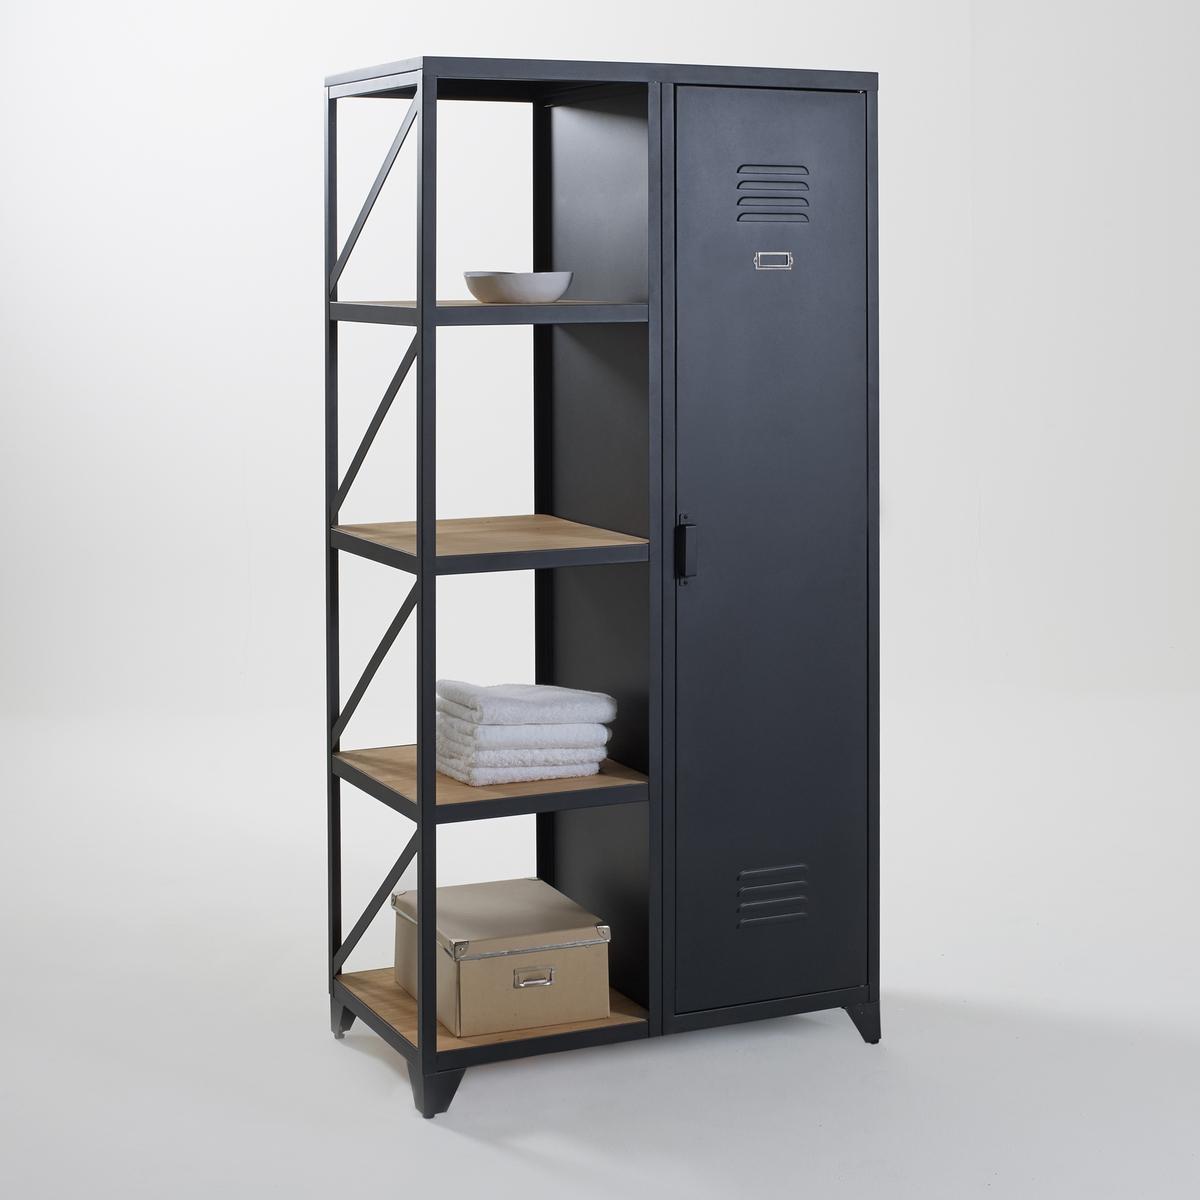 Шкаф-стеллаж La Redoute С дверцей из металла и сосны покрытой олифой Hiba единый размер черный